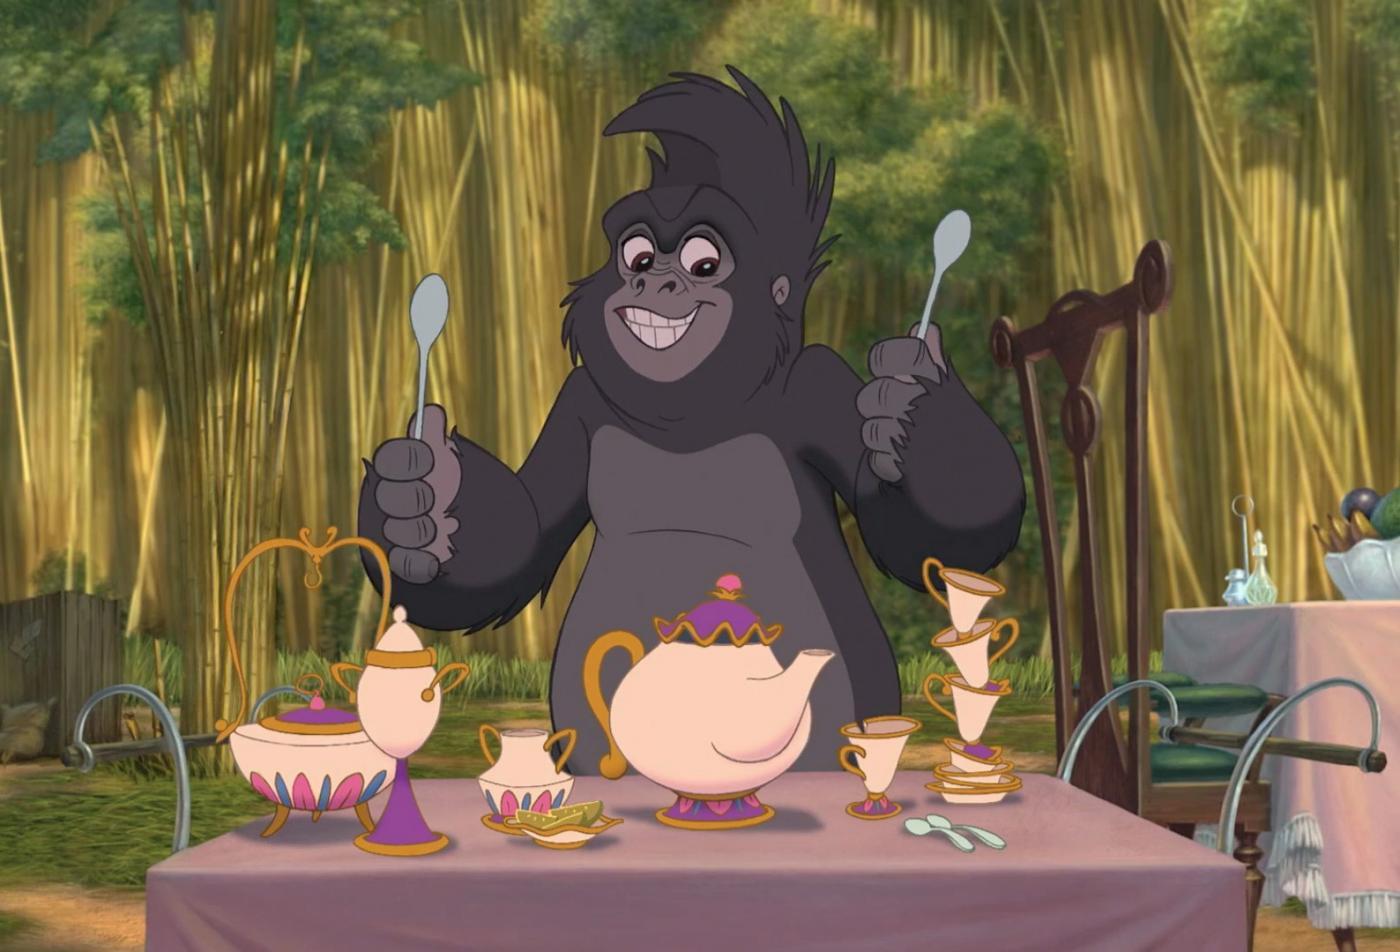 Сервиз Миссис Поттс из «Красавицы и Чудовища» в «Тарзане»